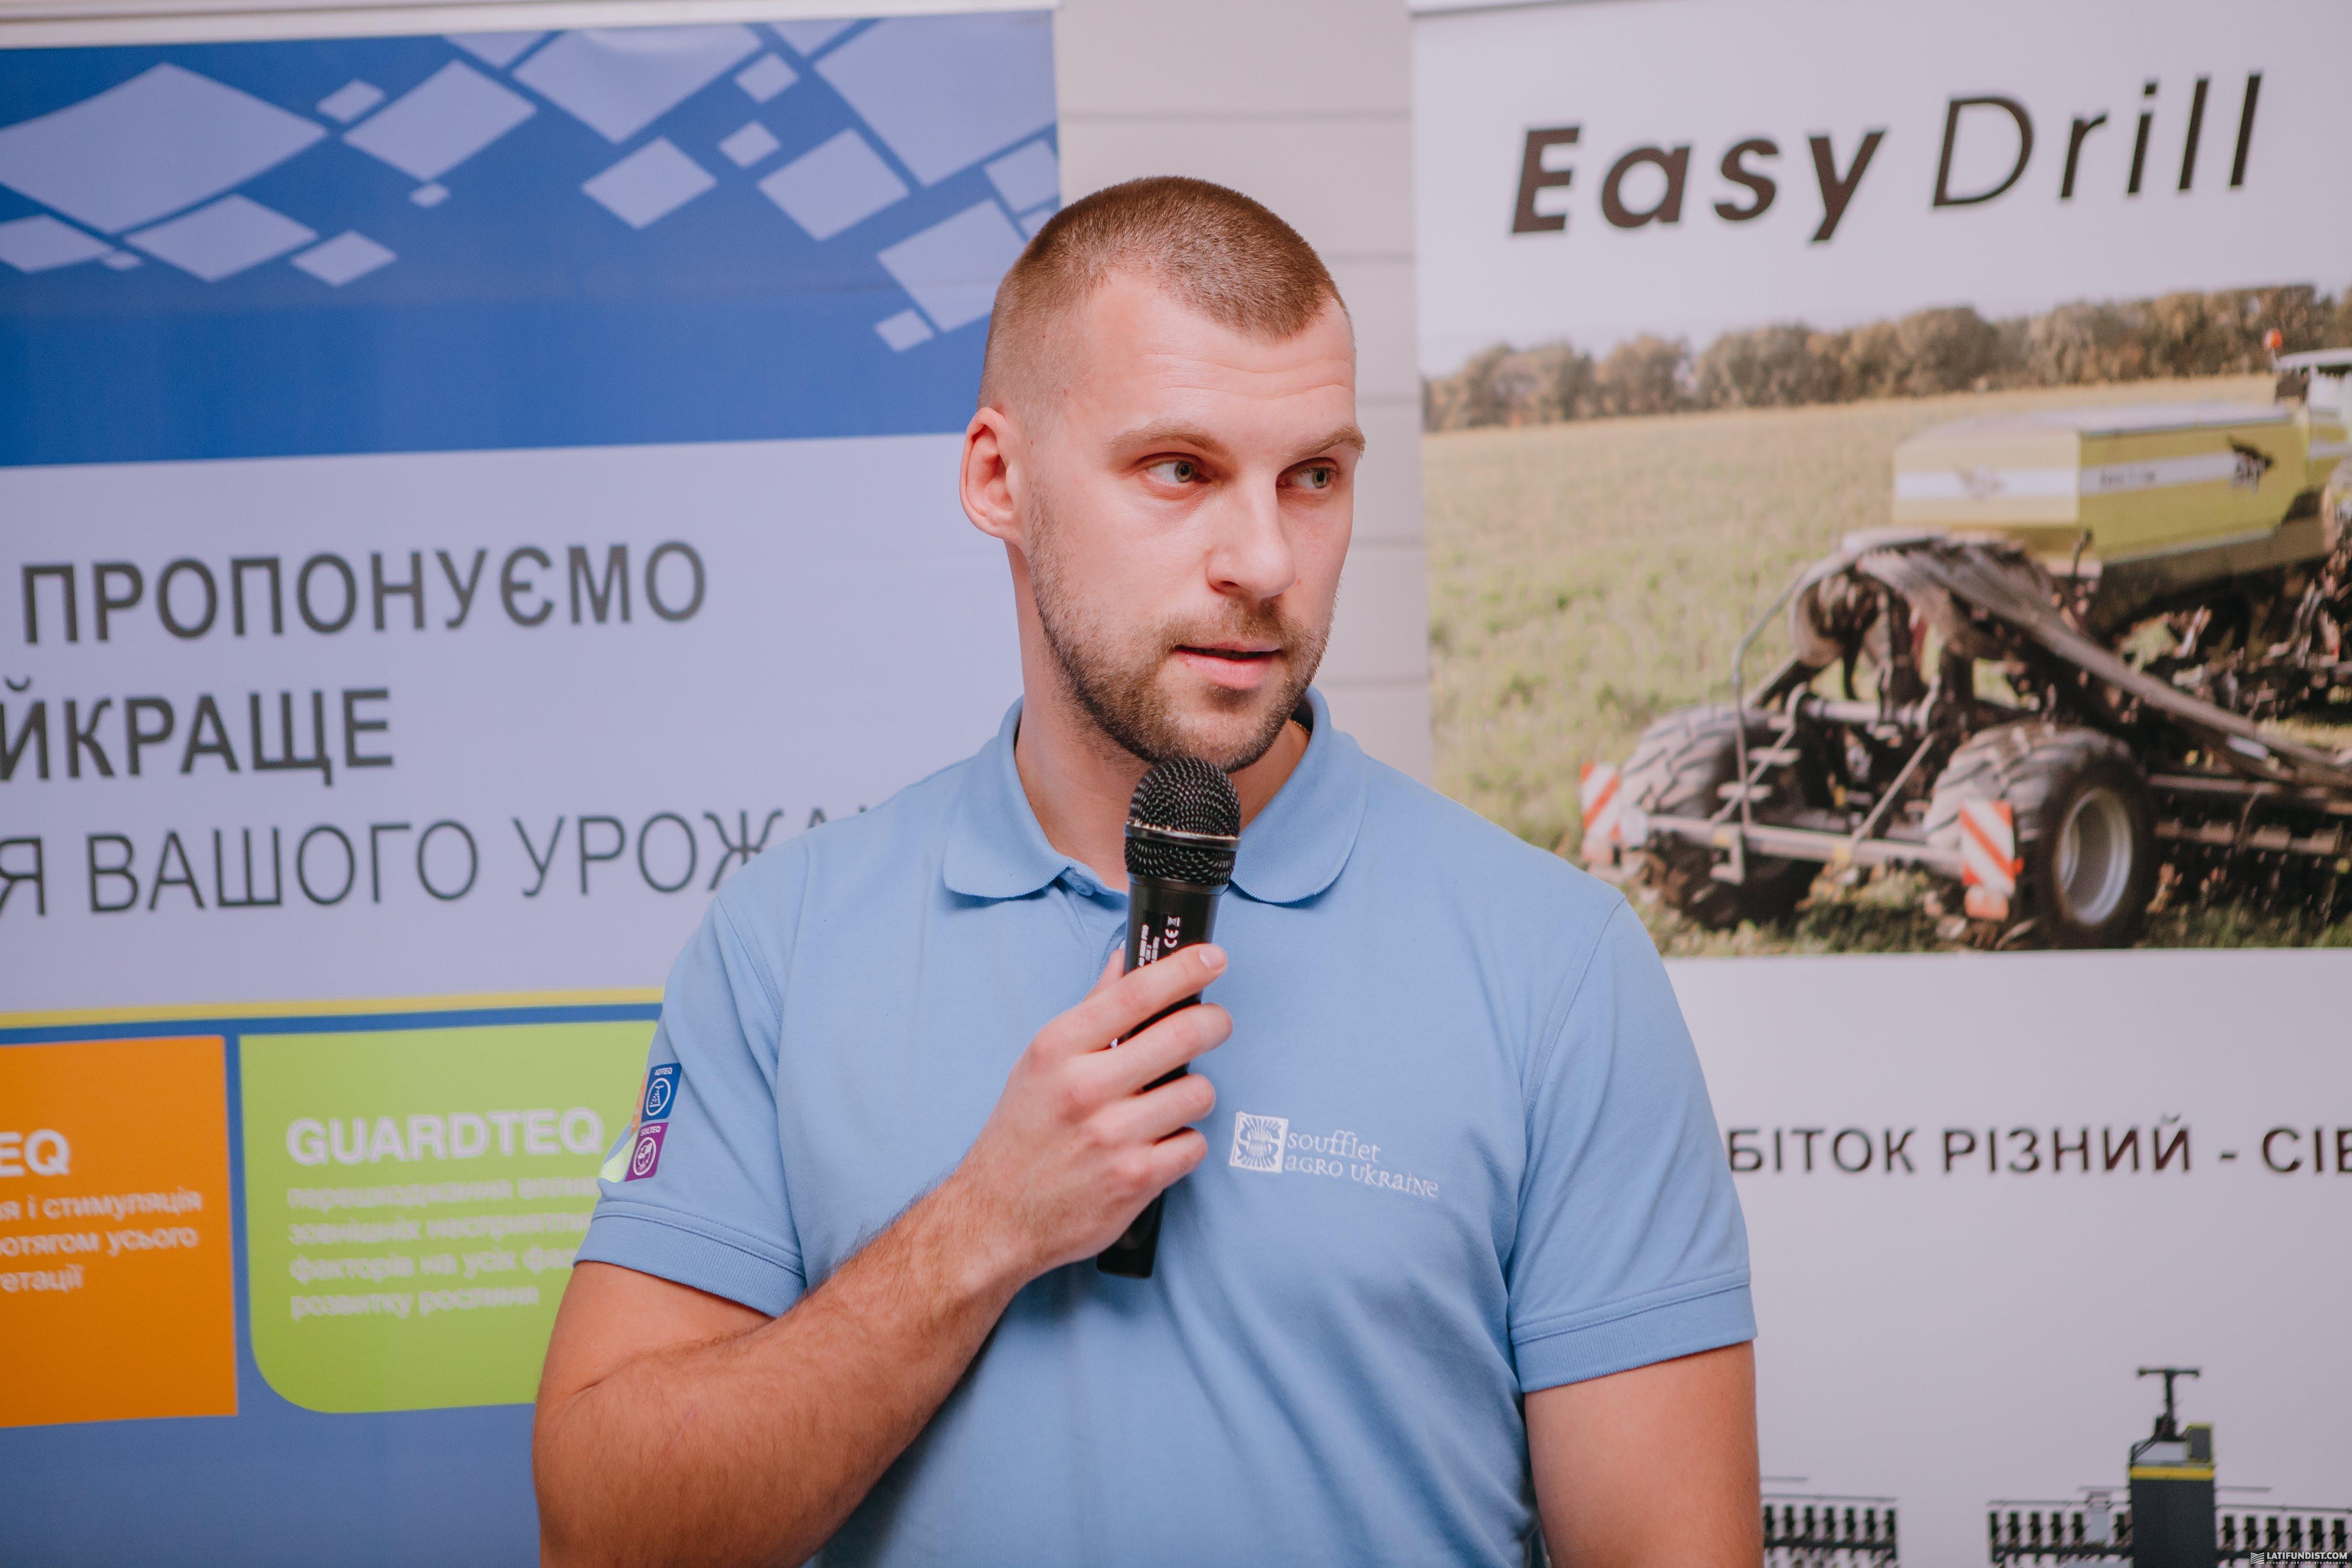 Артур Бердюков, руководитель проекта Farmi в Украине